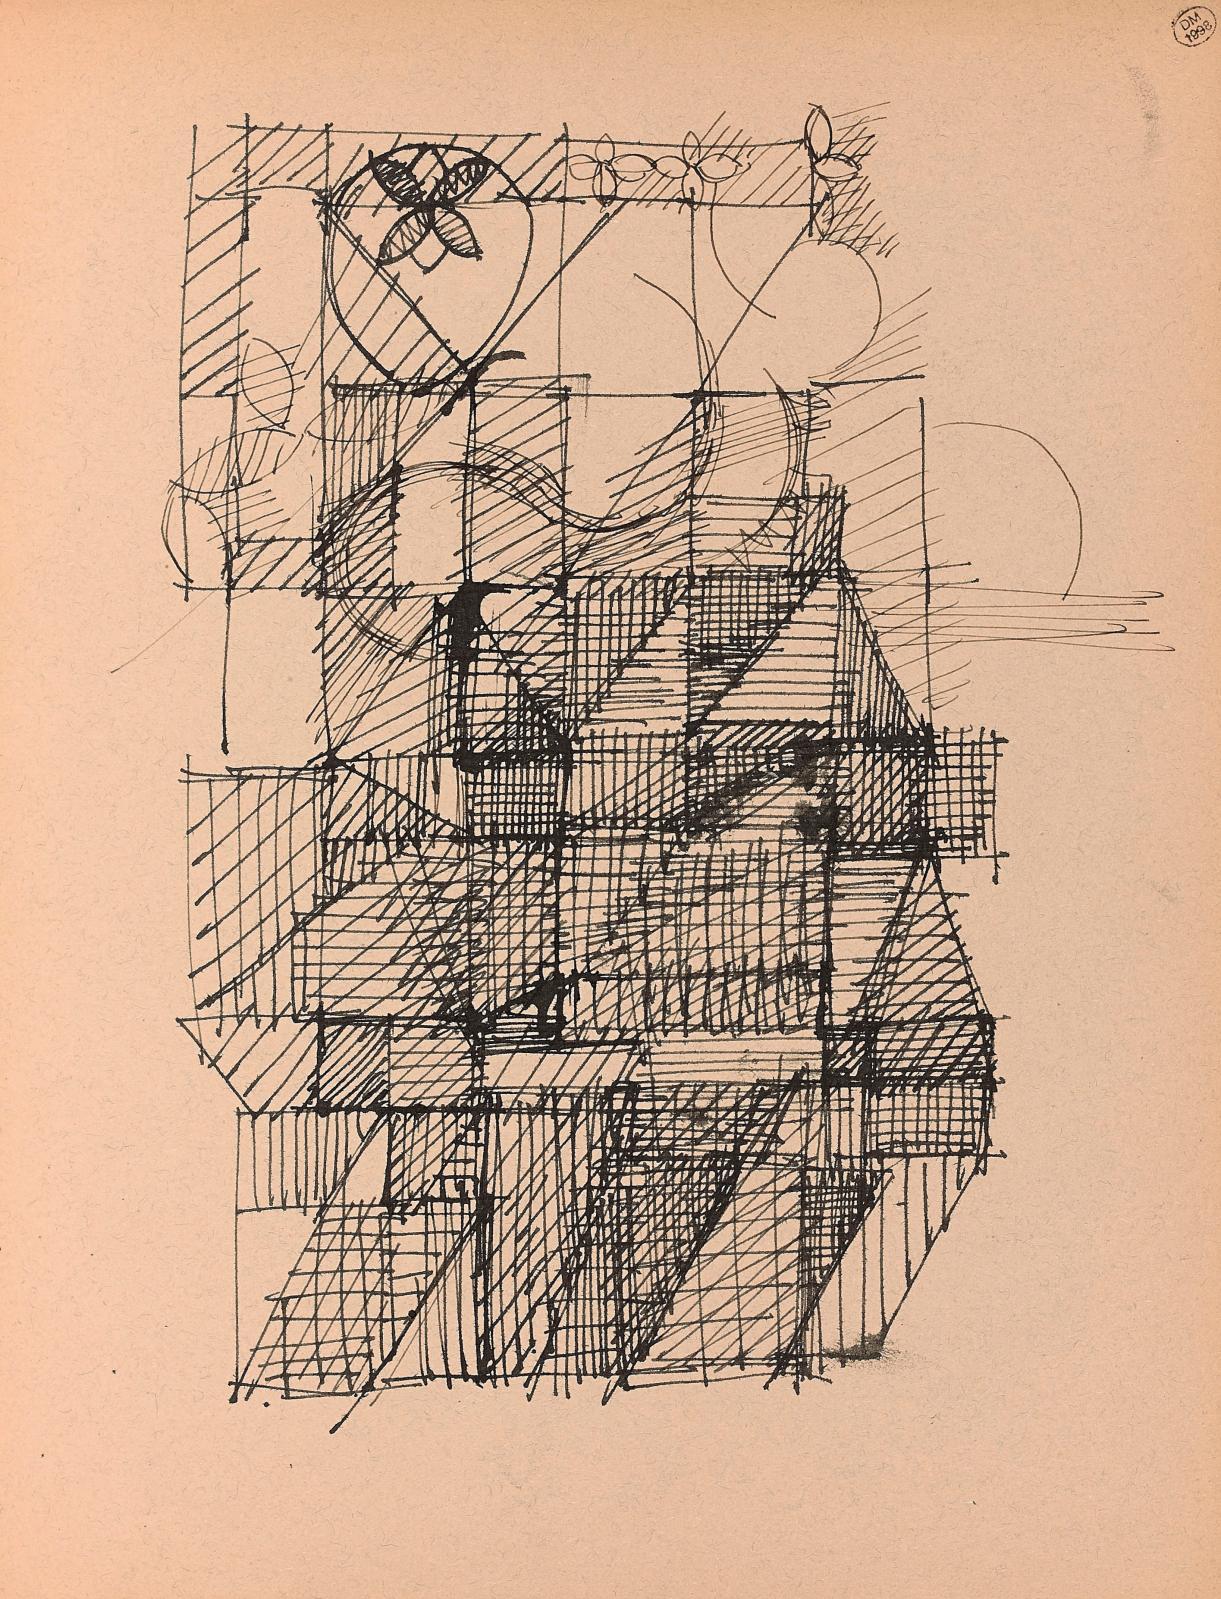 Cette Étude géométrique à l'encre sur papier (600/800 €) est située autour de 1966, date d'un carnet d'études aux croquis similaires. En 1